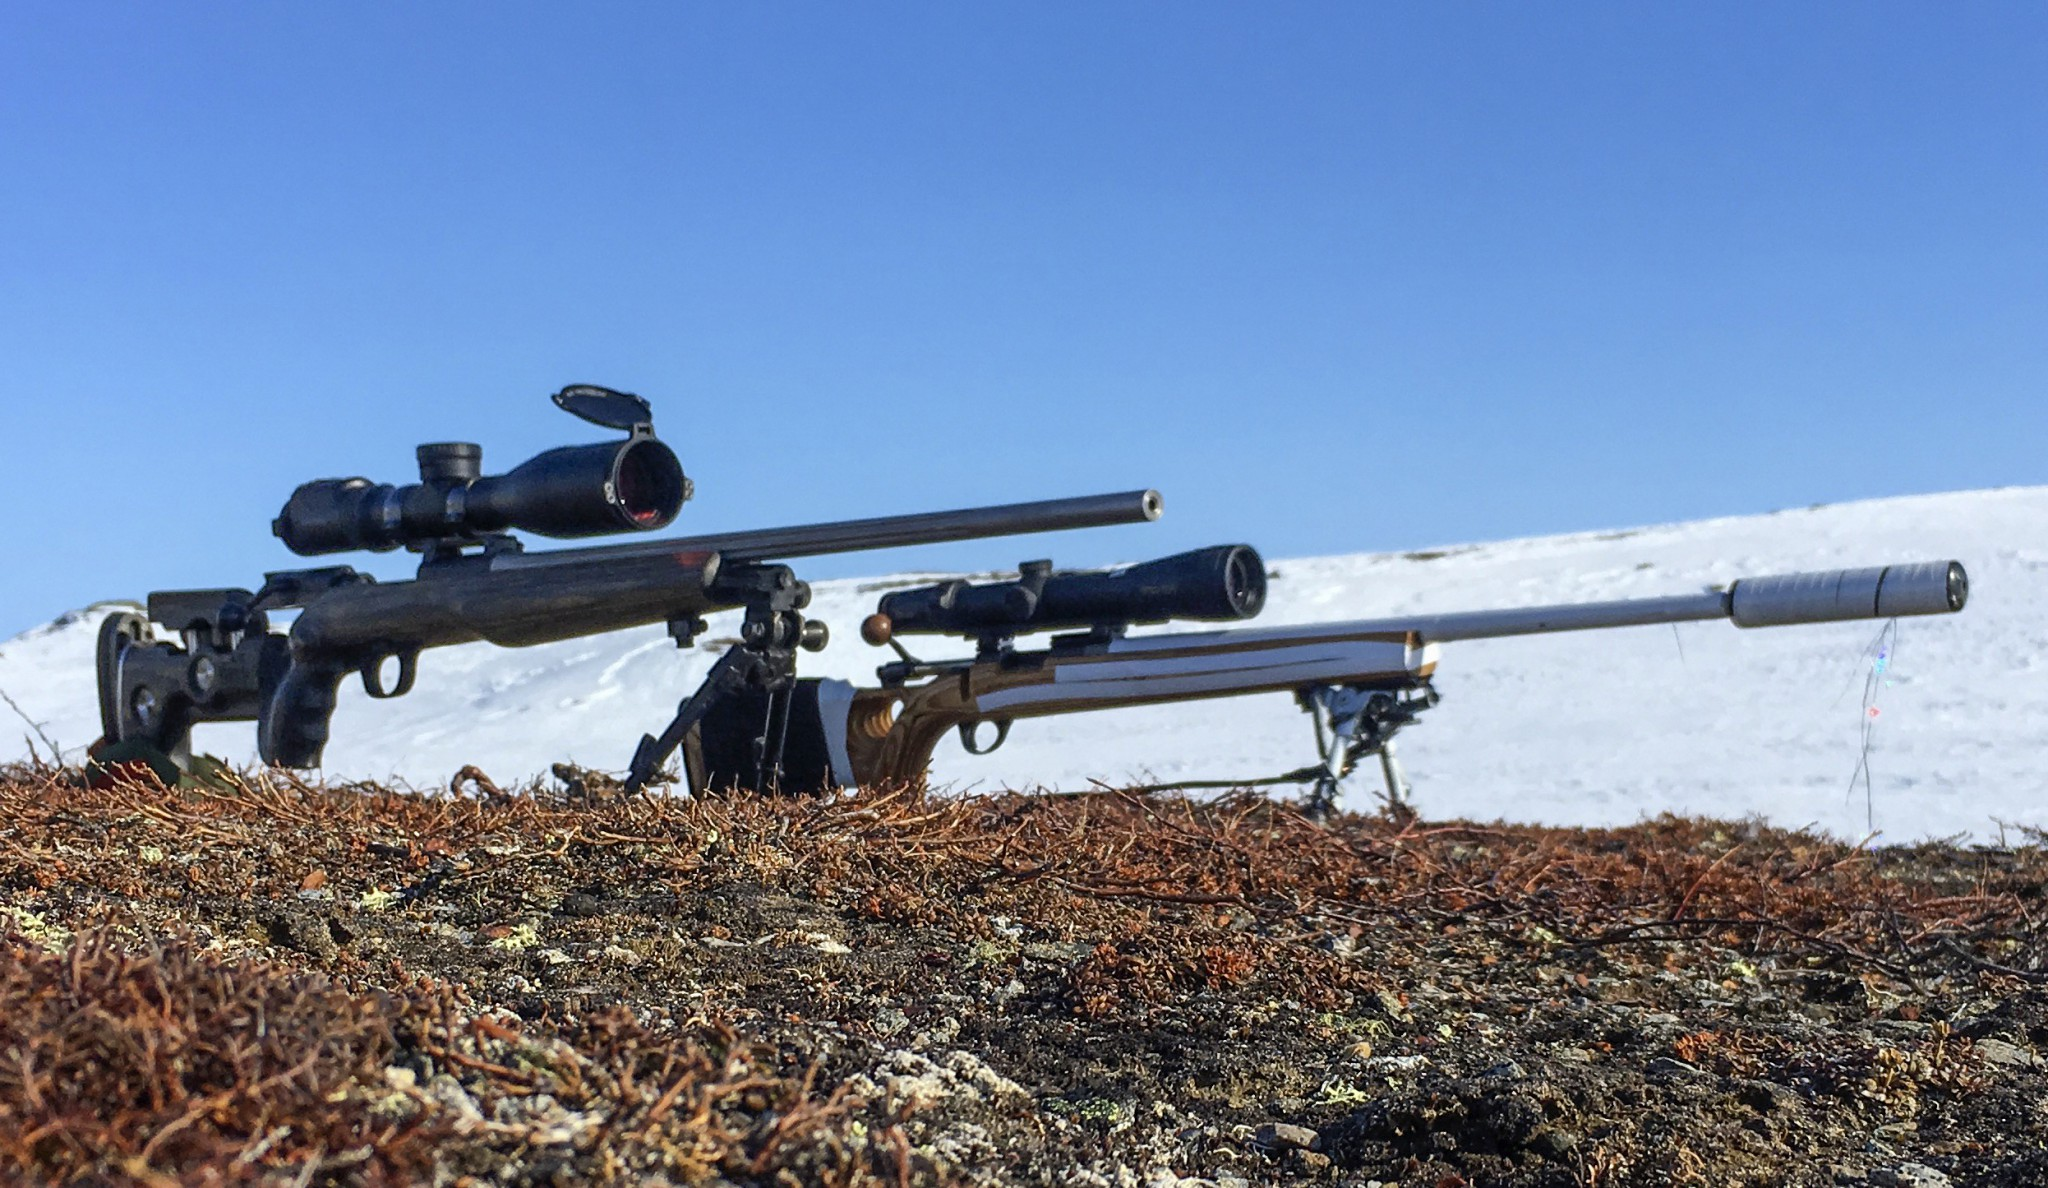 Vi ställer Burris Eliminator III Laserscope och Swarovski dS mot varandra. Foto: Ulf Lindroth